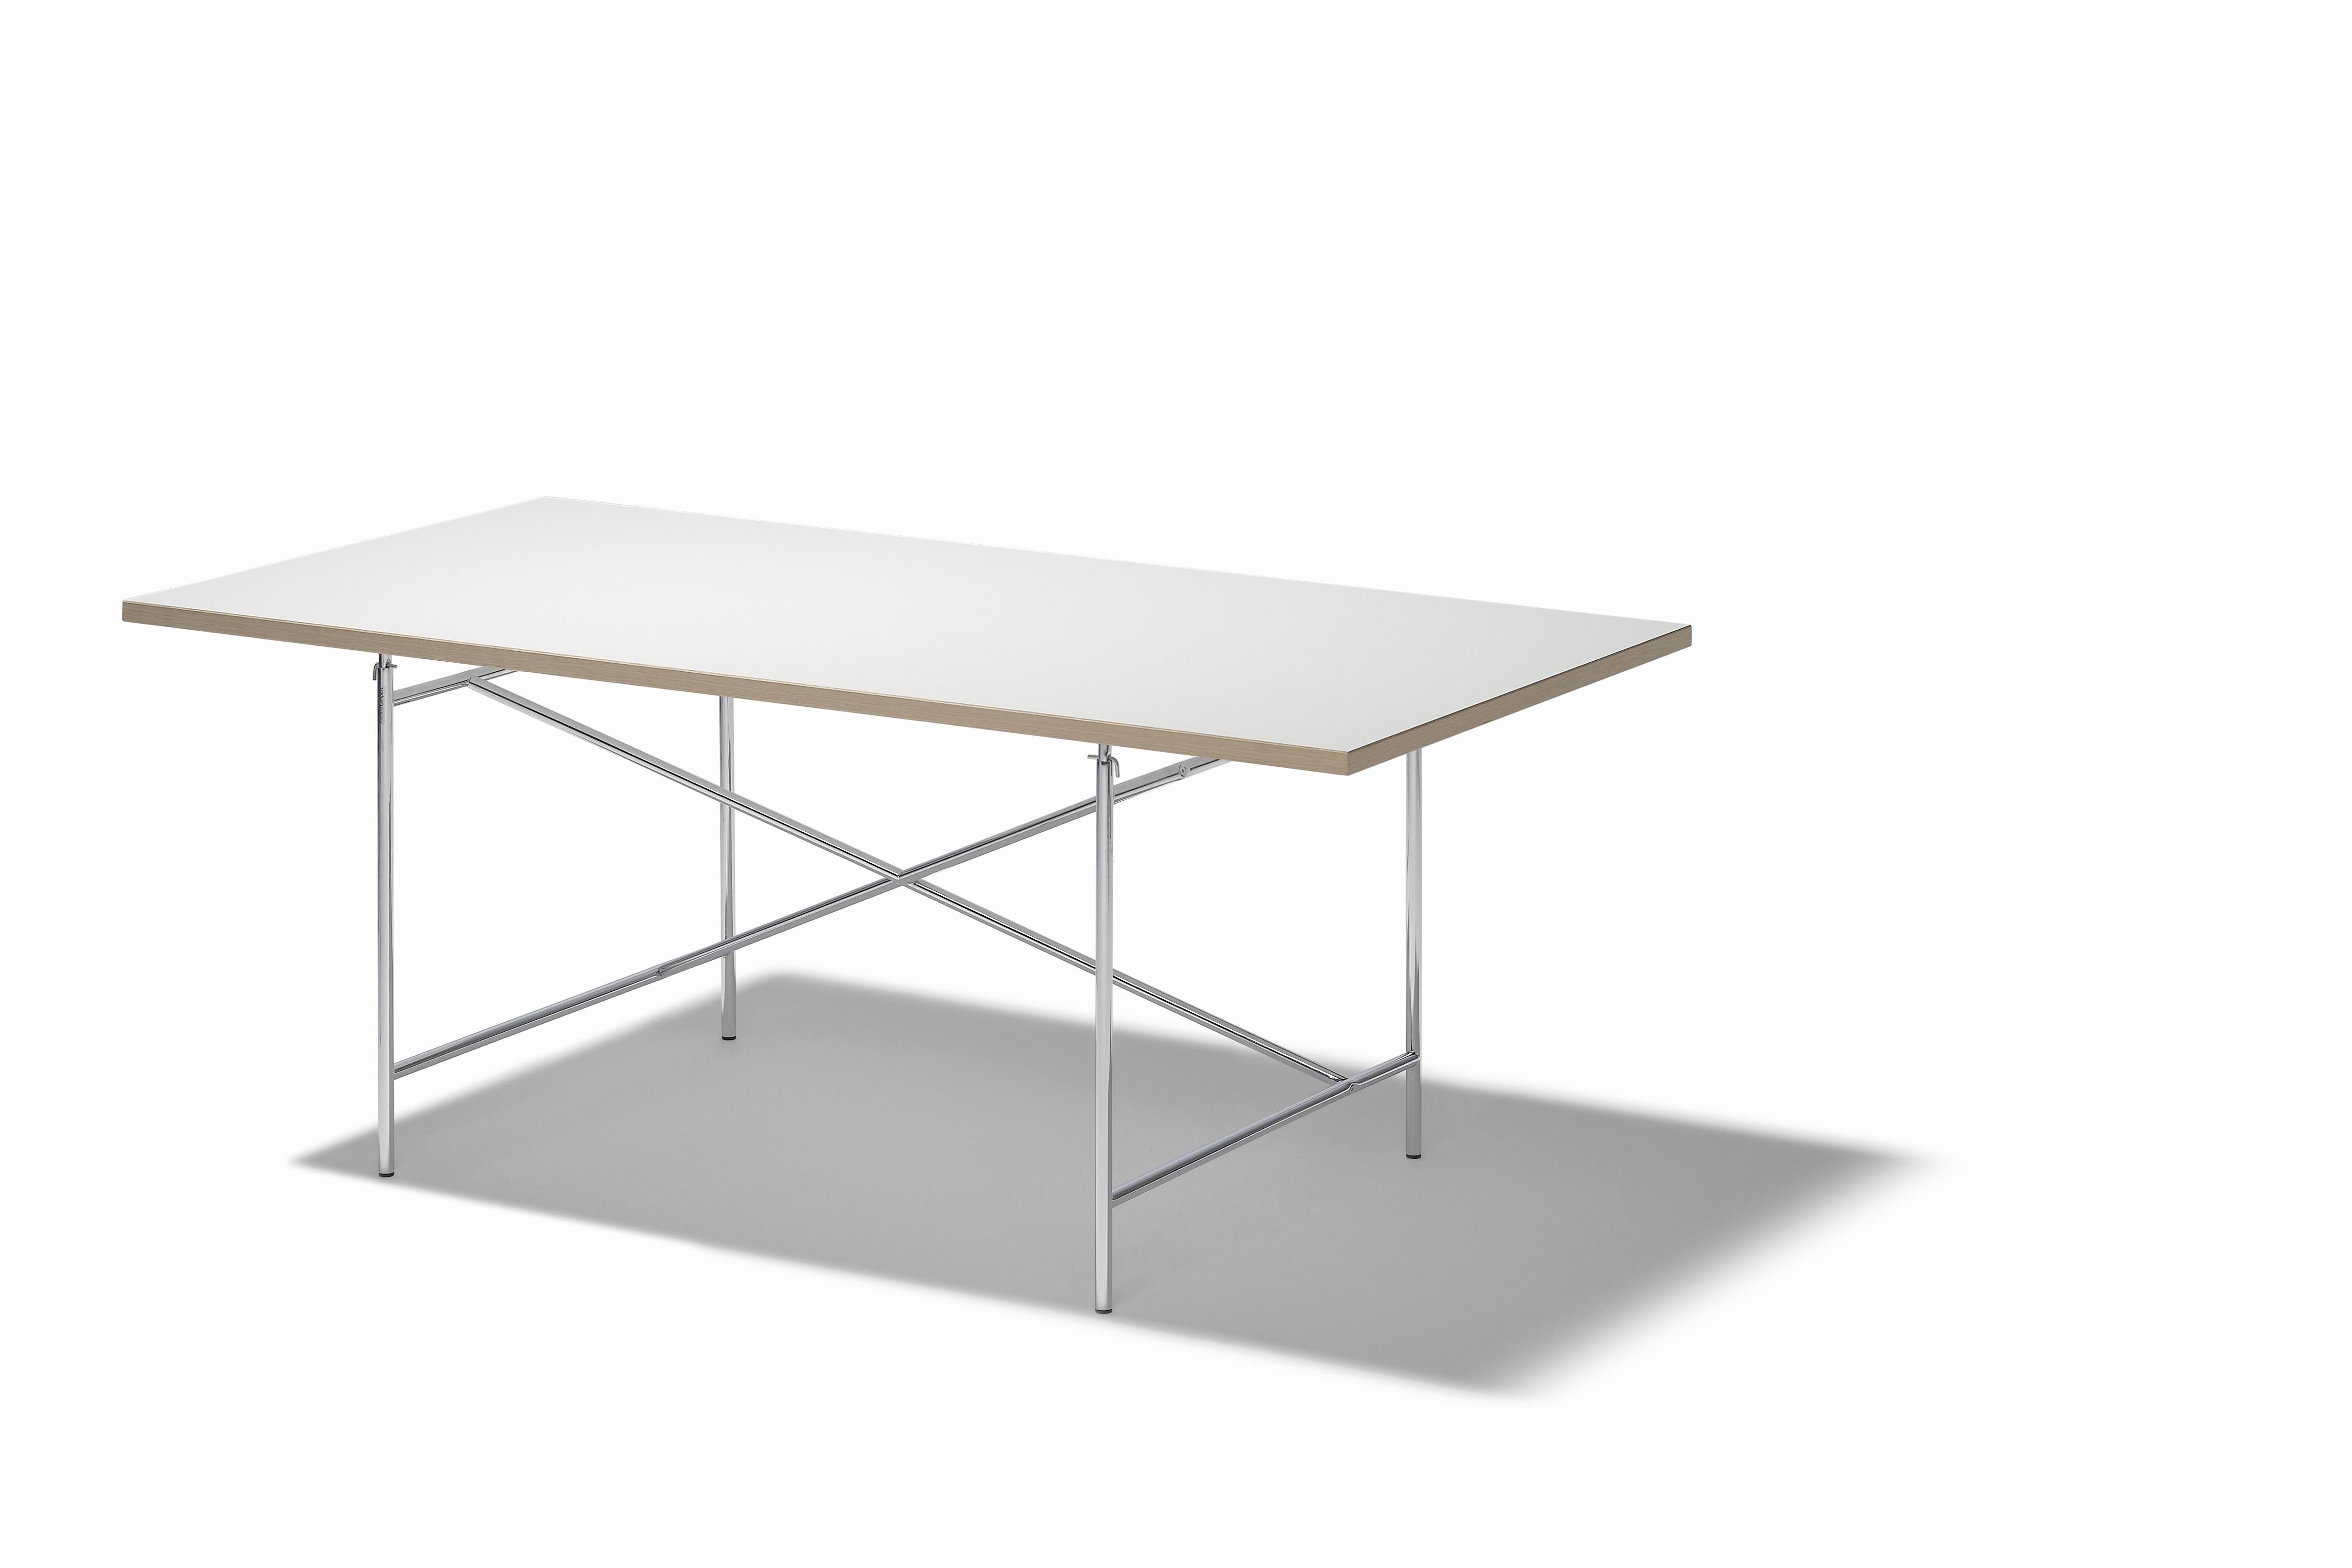 Richard lampert tisch eiermann 1 tische designshop for Eiermann tisch replica